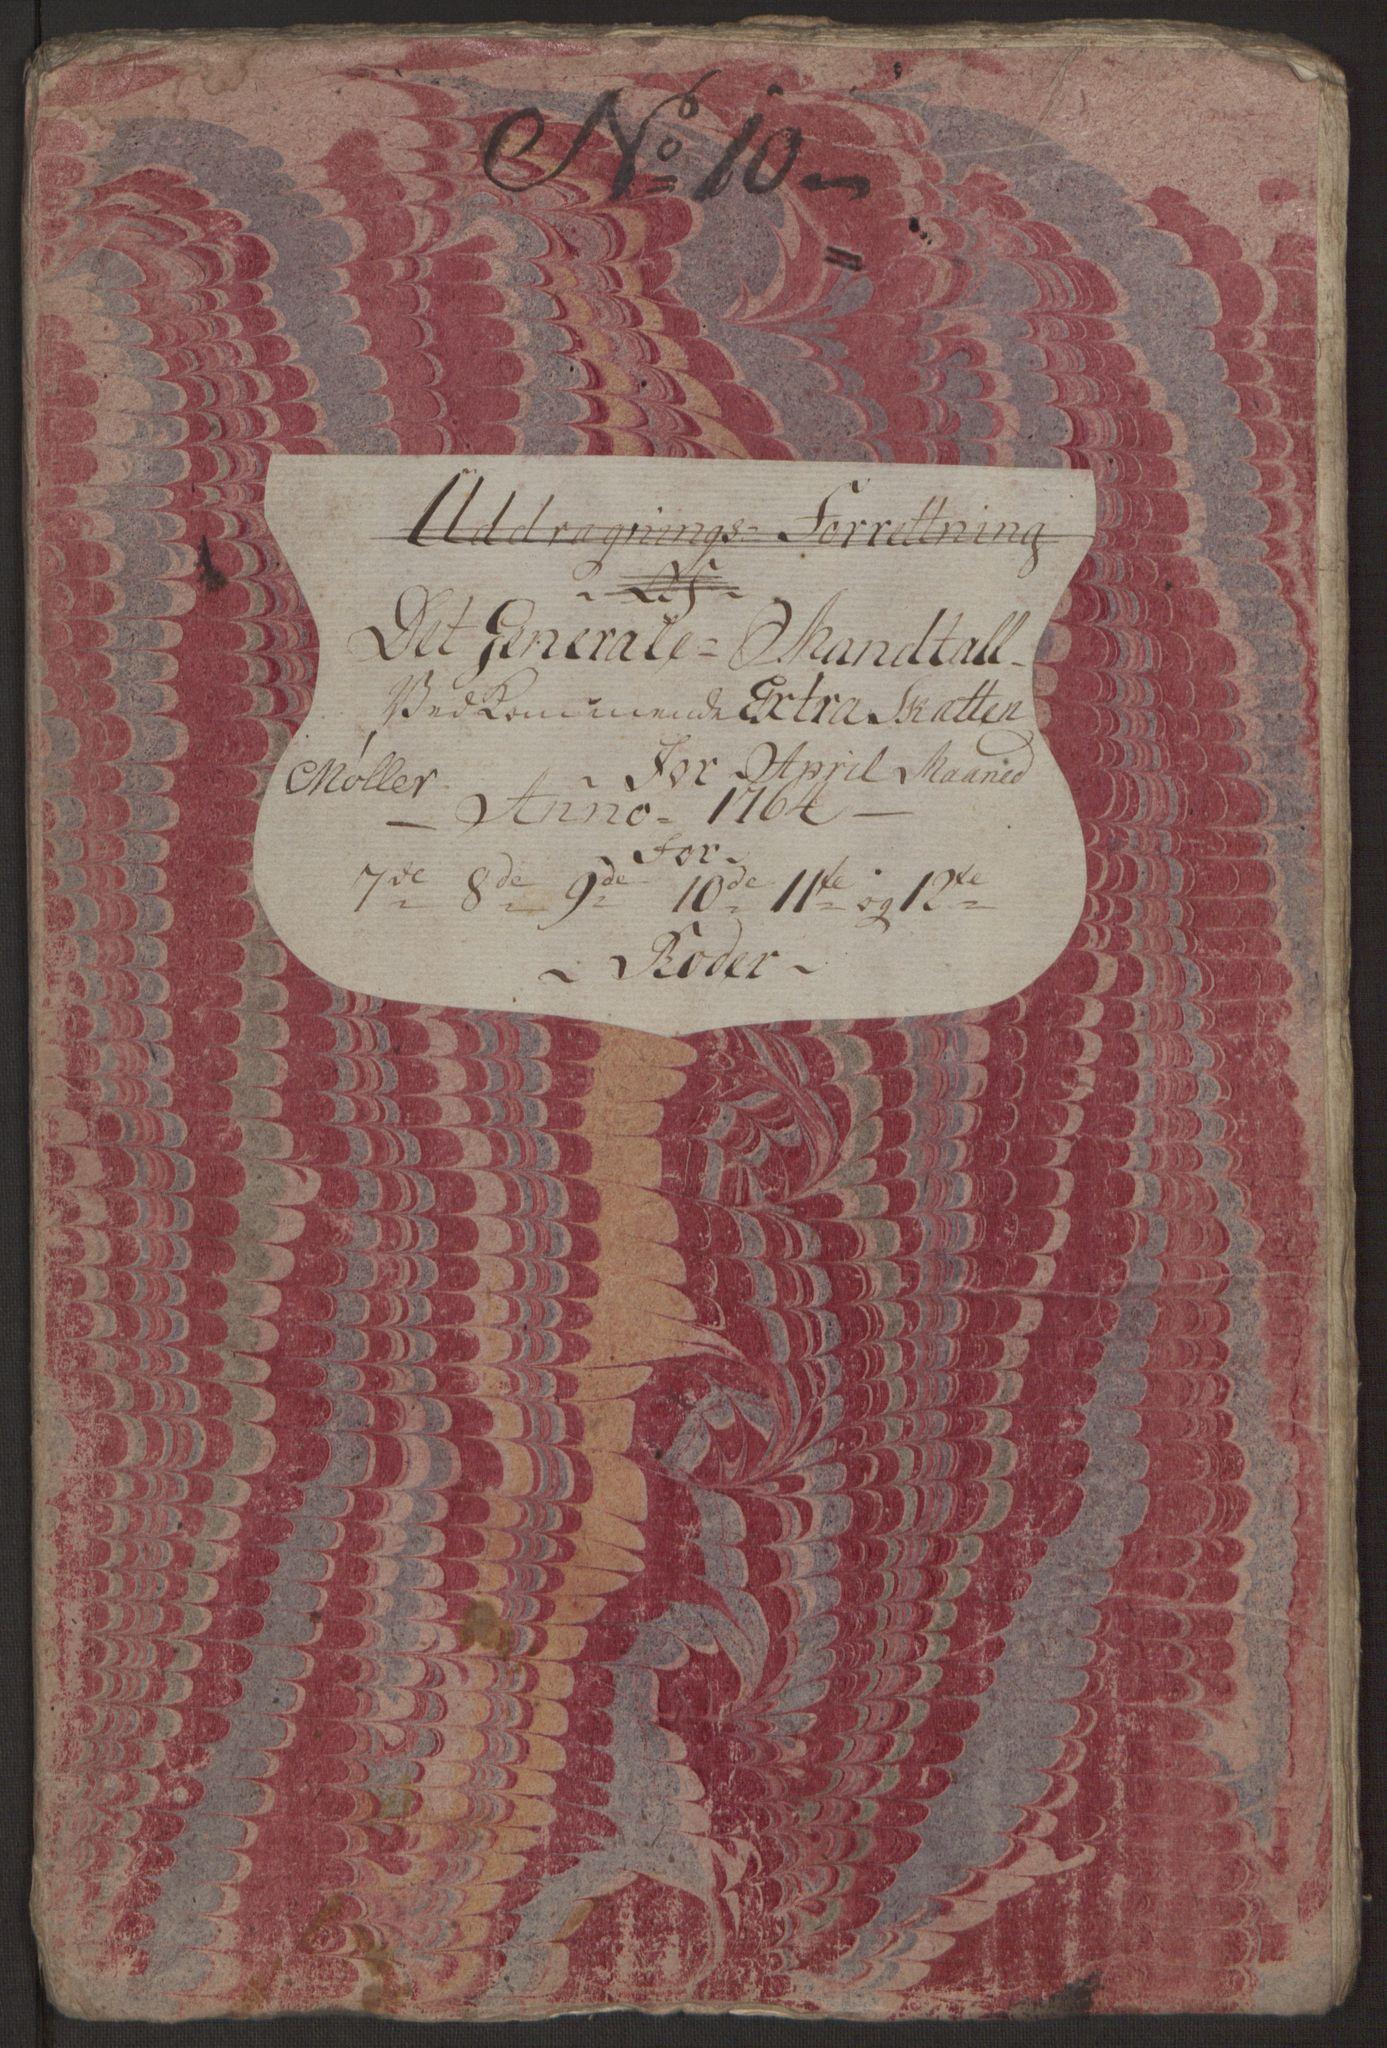 RA, Rentekammeret inntil 1814, Reviderte regnskaper, Byregnskaper, R/Rp/L0367: [P21] Kontribusjonsregnskap, 1764, s. 241